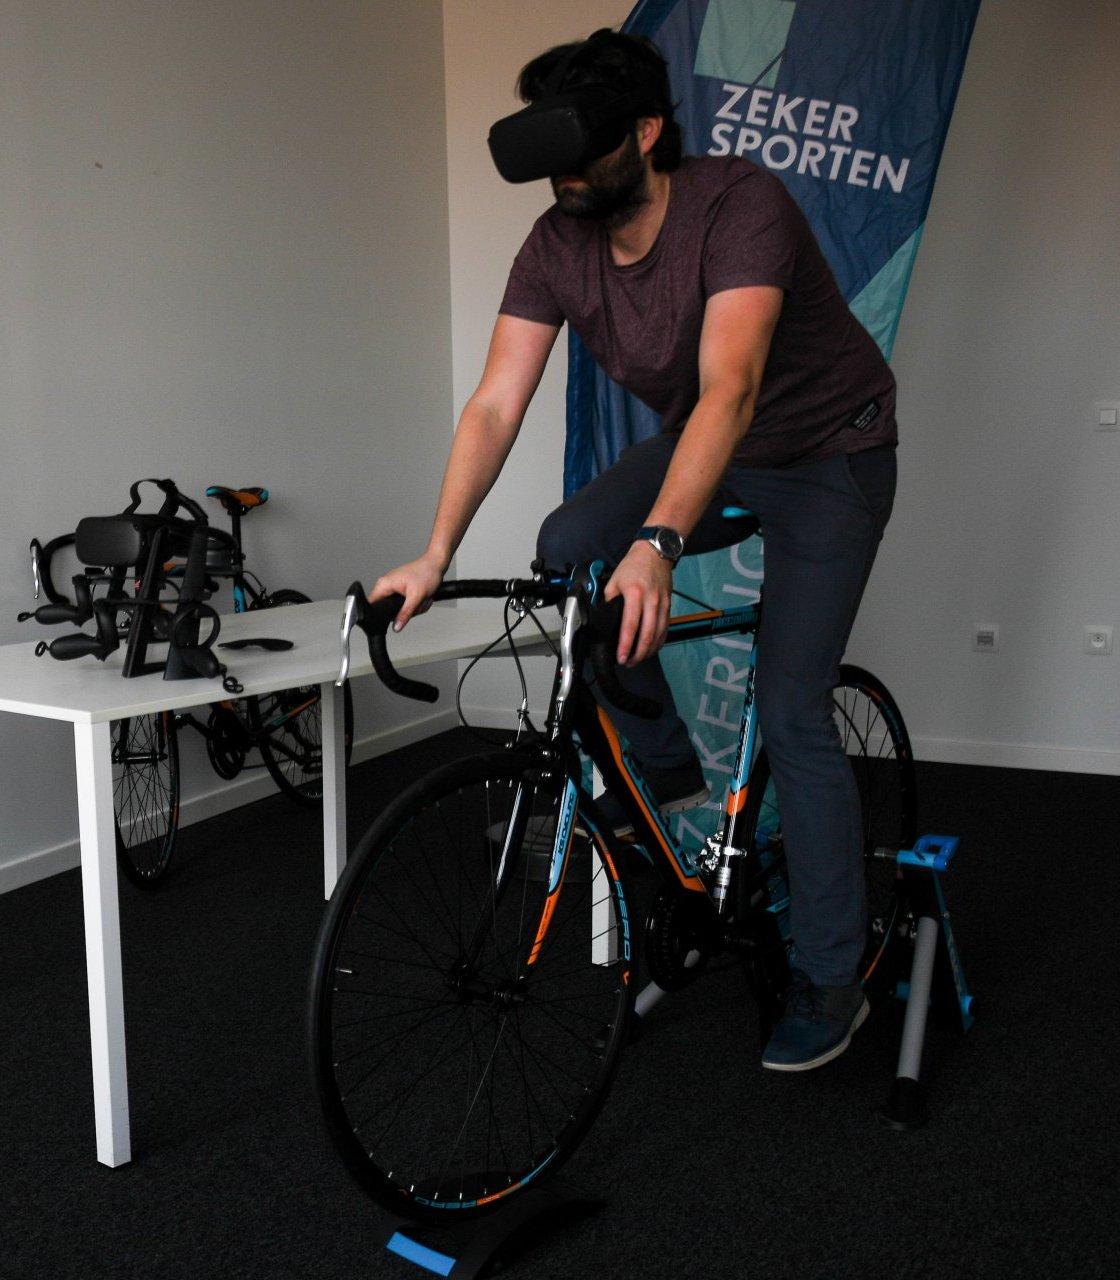 Sporta VR